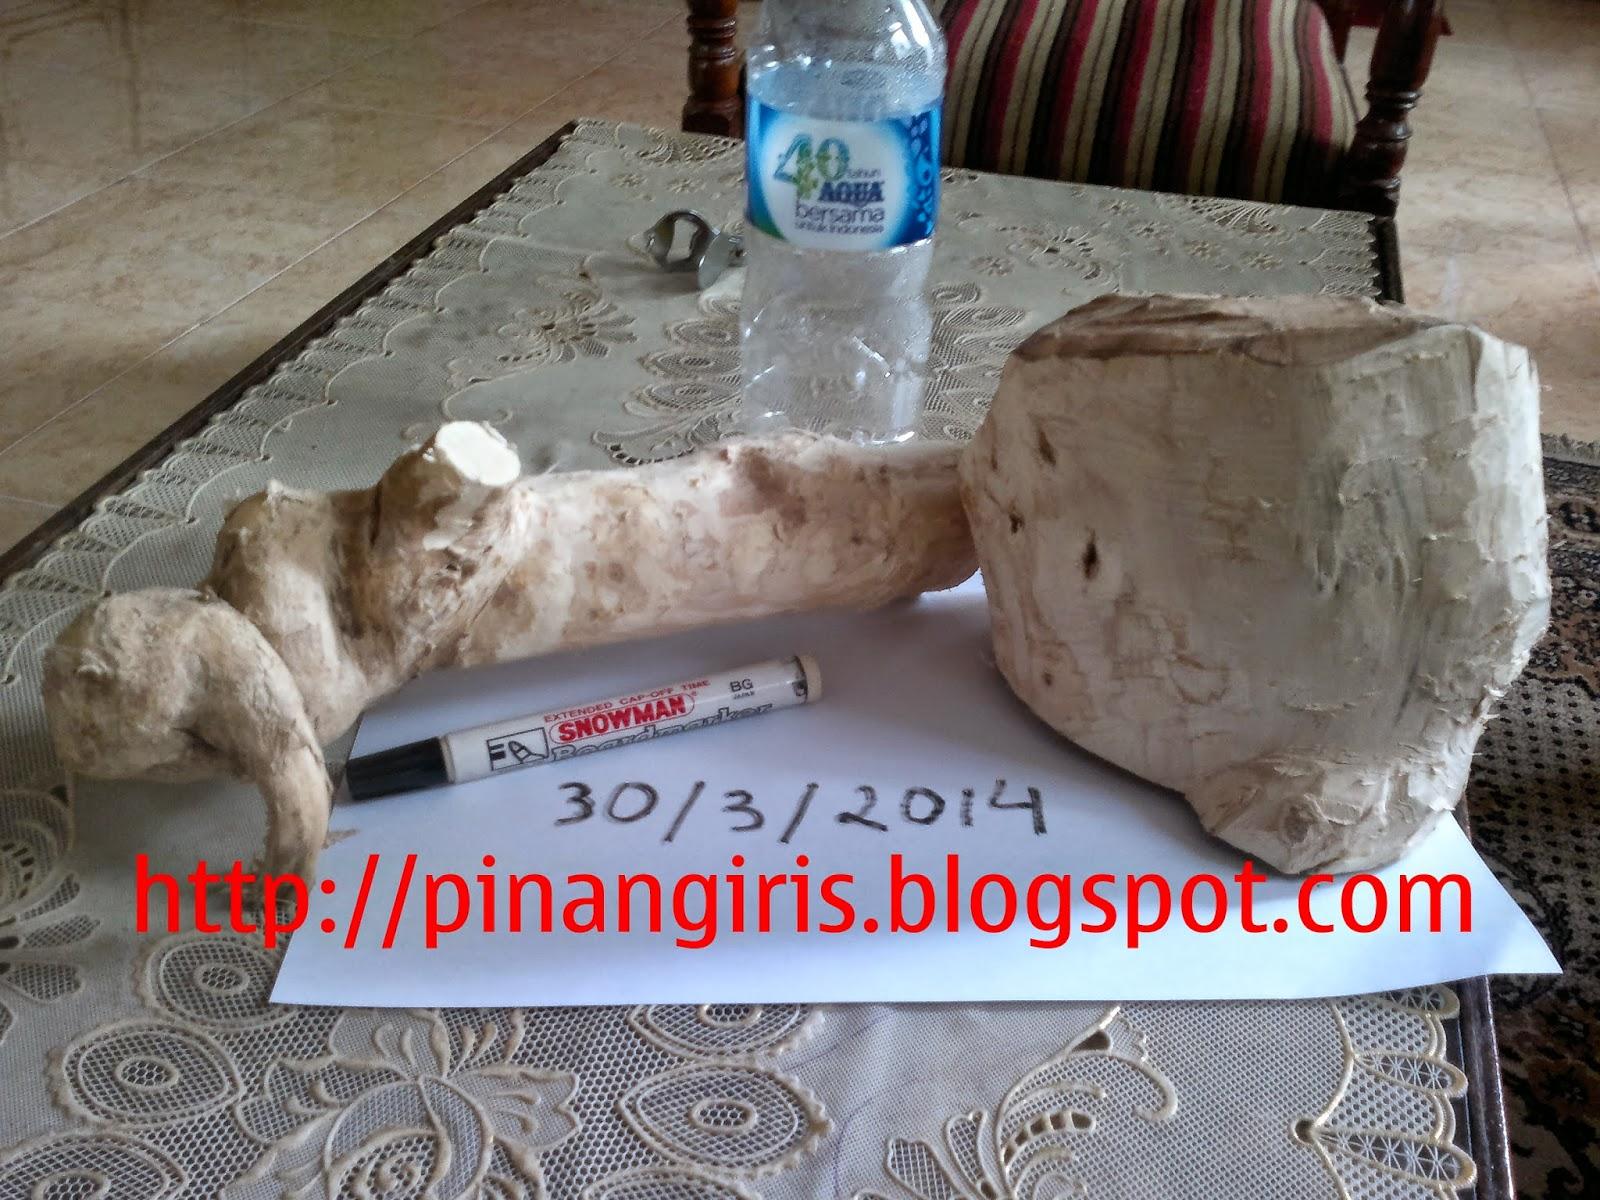 http://pinangiris.blogspot.com